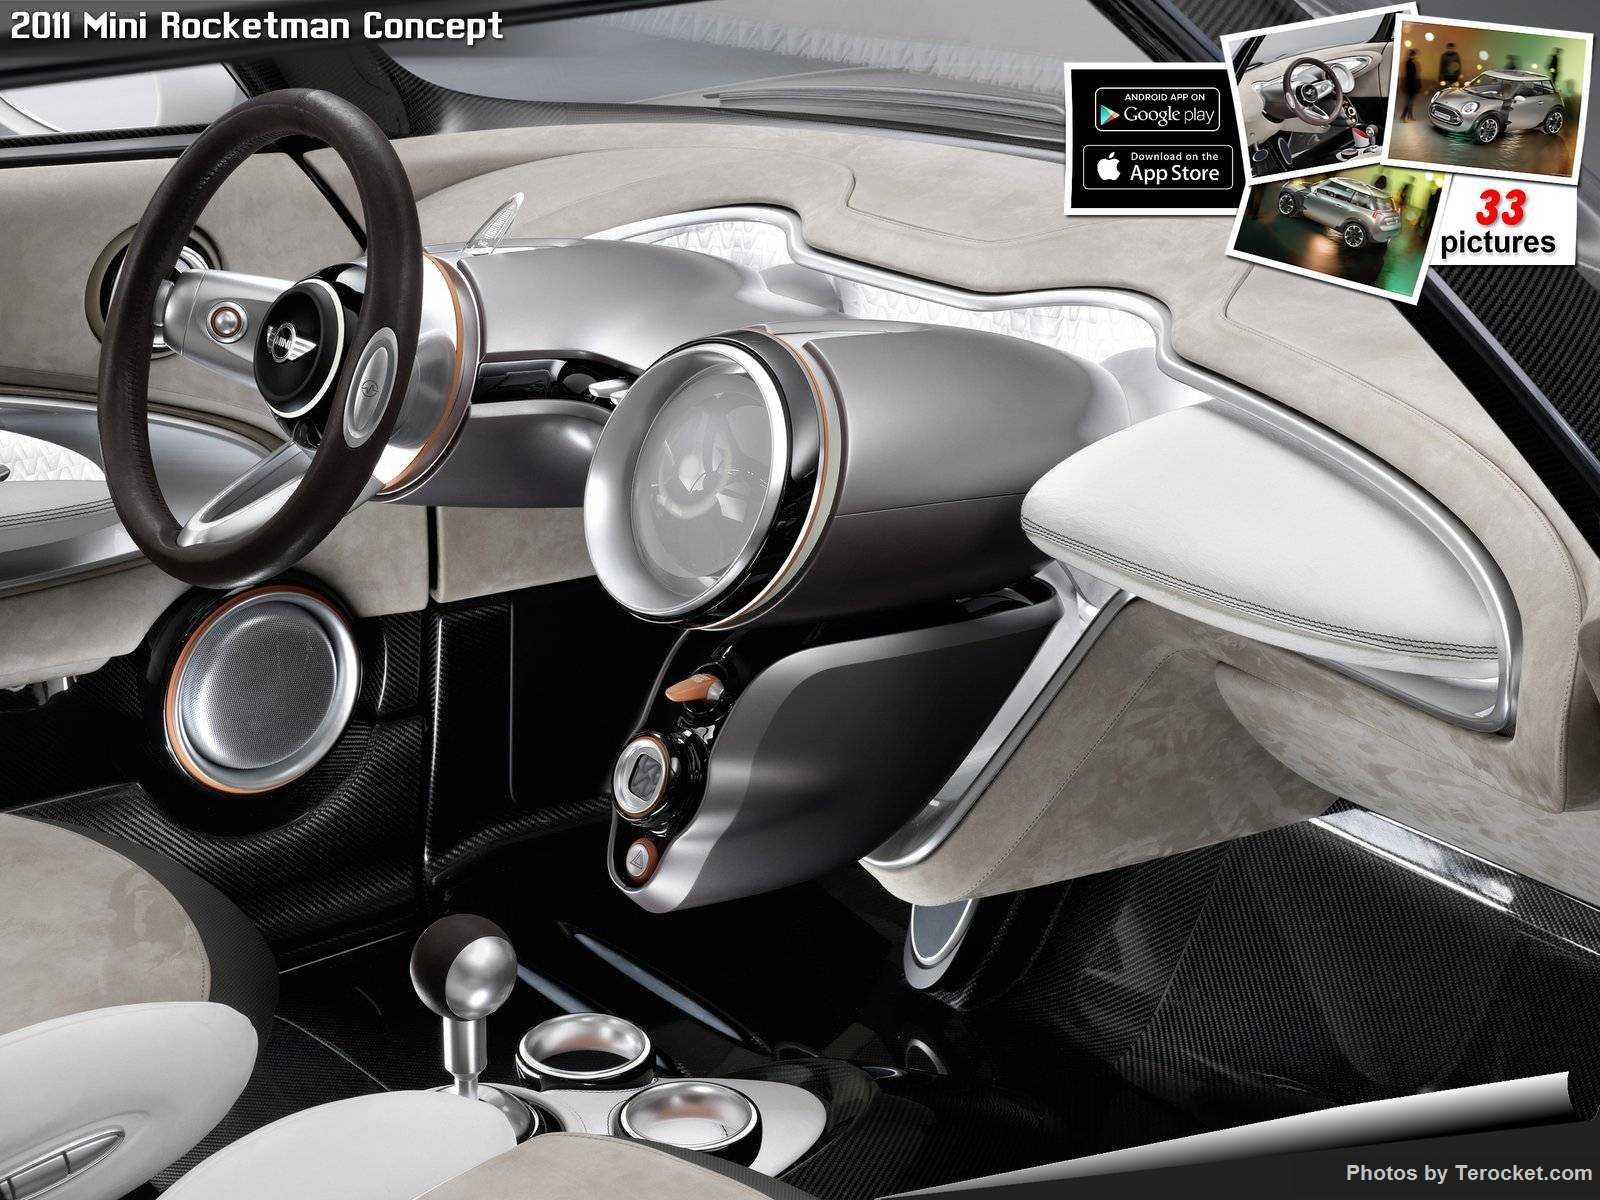 Hình ảnh xe ô tô Mini Rocketman Concept 2011 & nội ngoại thất